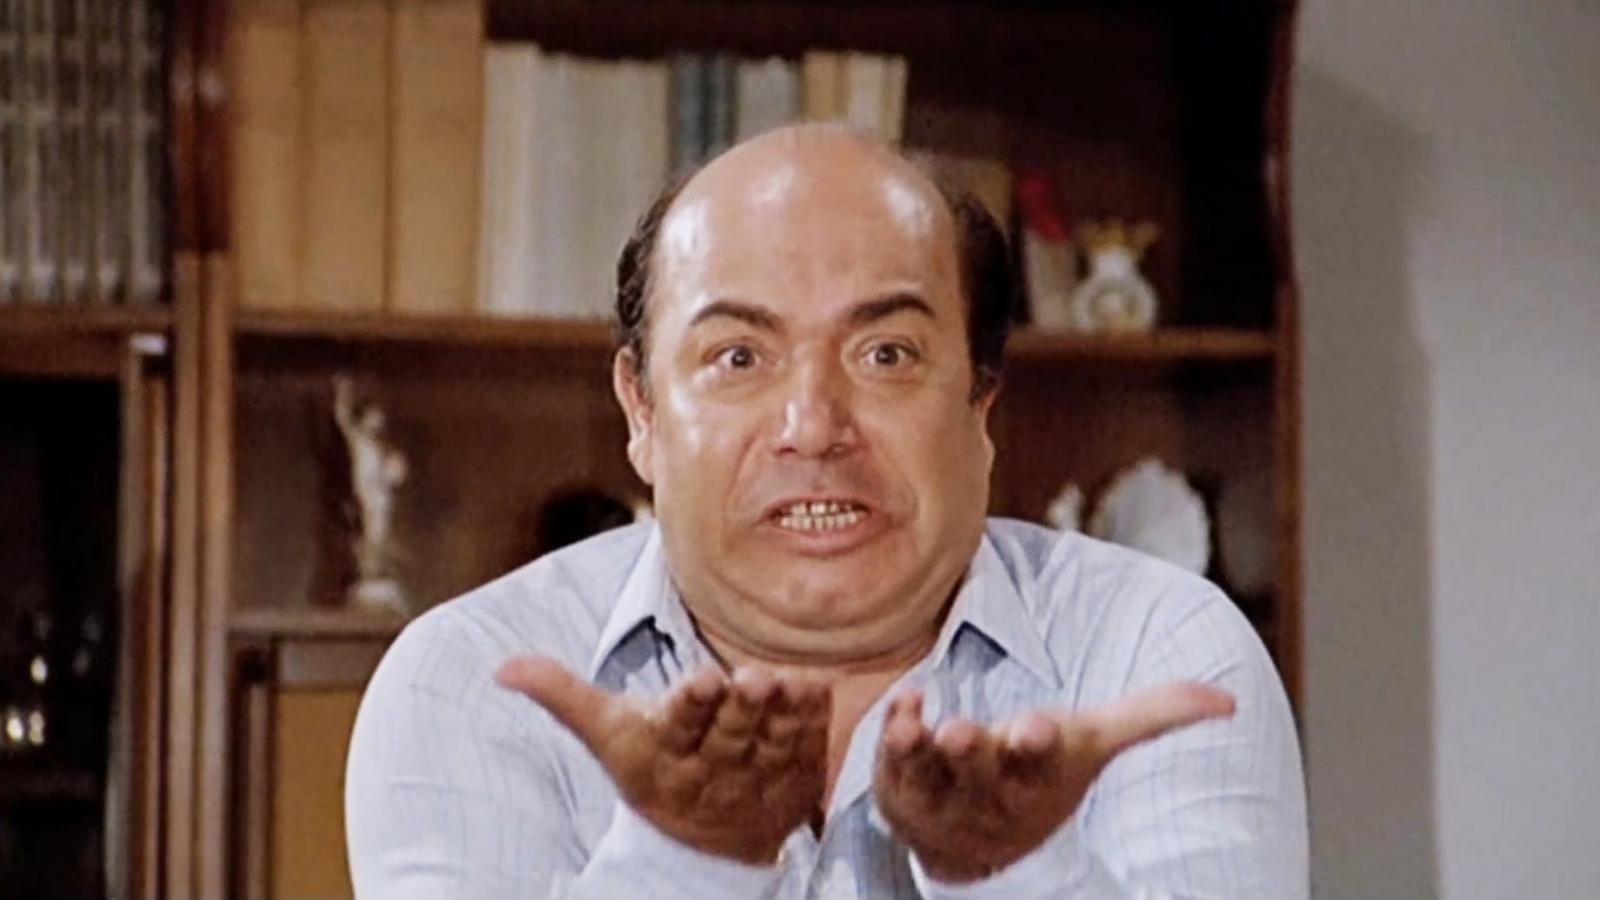 """Lino Banfi: """"Da piccolo mi cacciarono dal convento perchè spiavo le suore"""""""